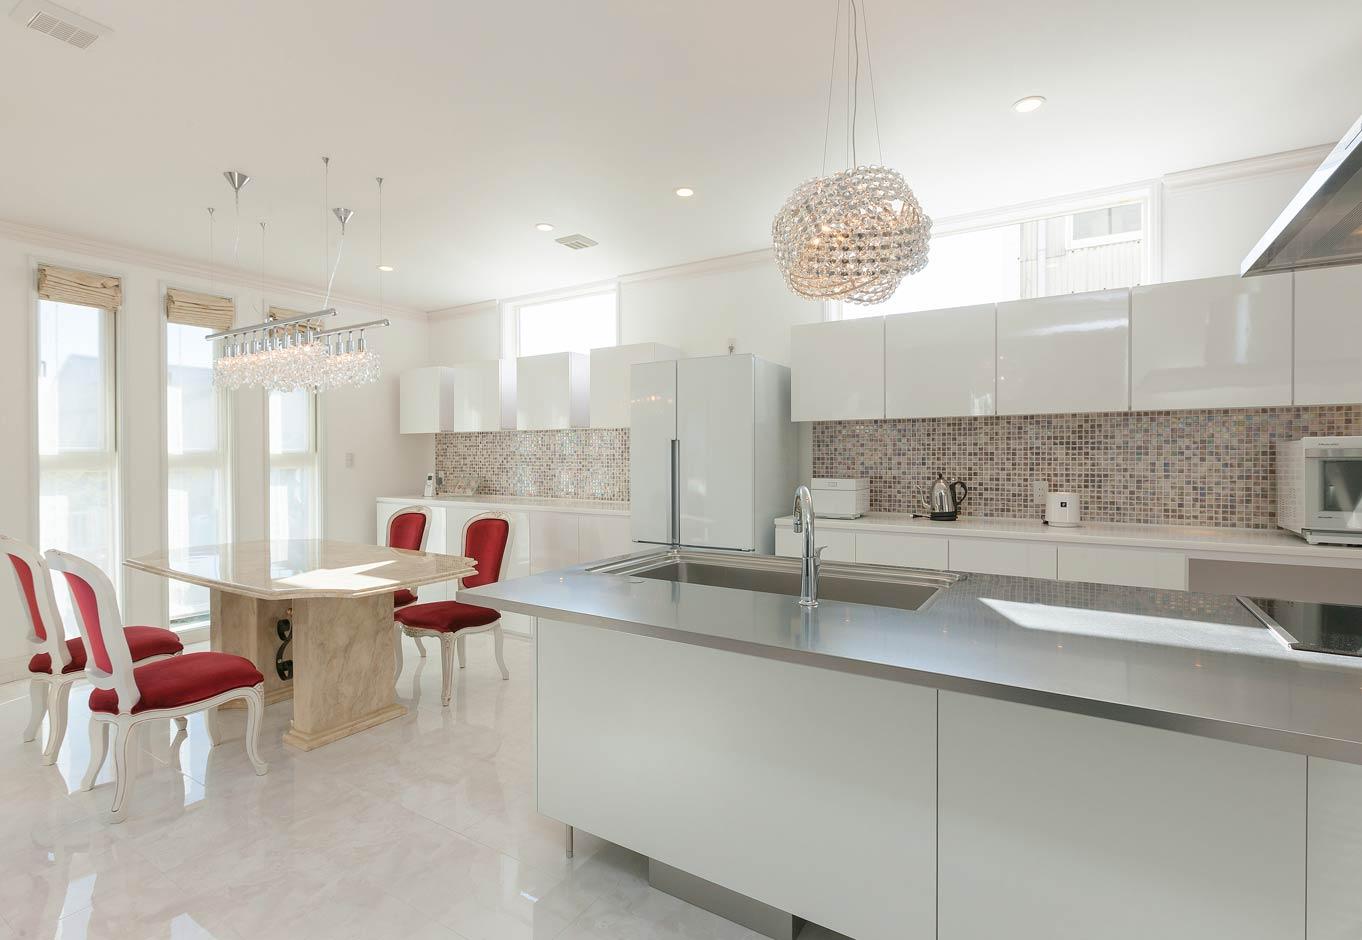 i.u.建築企画【デザイン住宅、建築家、インテリア】20帖の広々としたダイニングキッチン。造作の収納棚をデザインし壁には輸入モザイクタイル、照明はシャンデリアとした